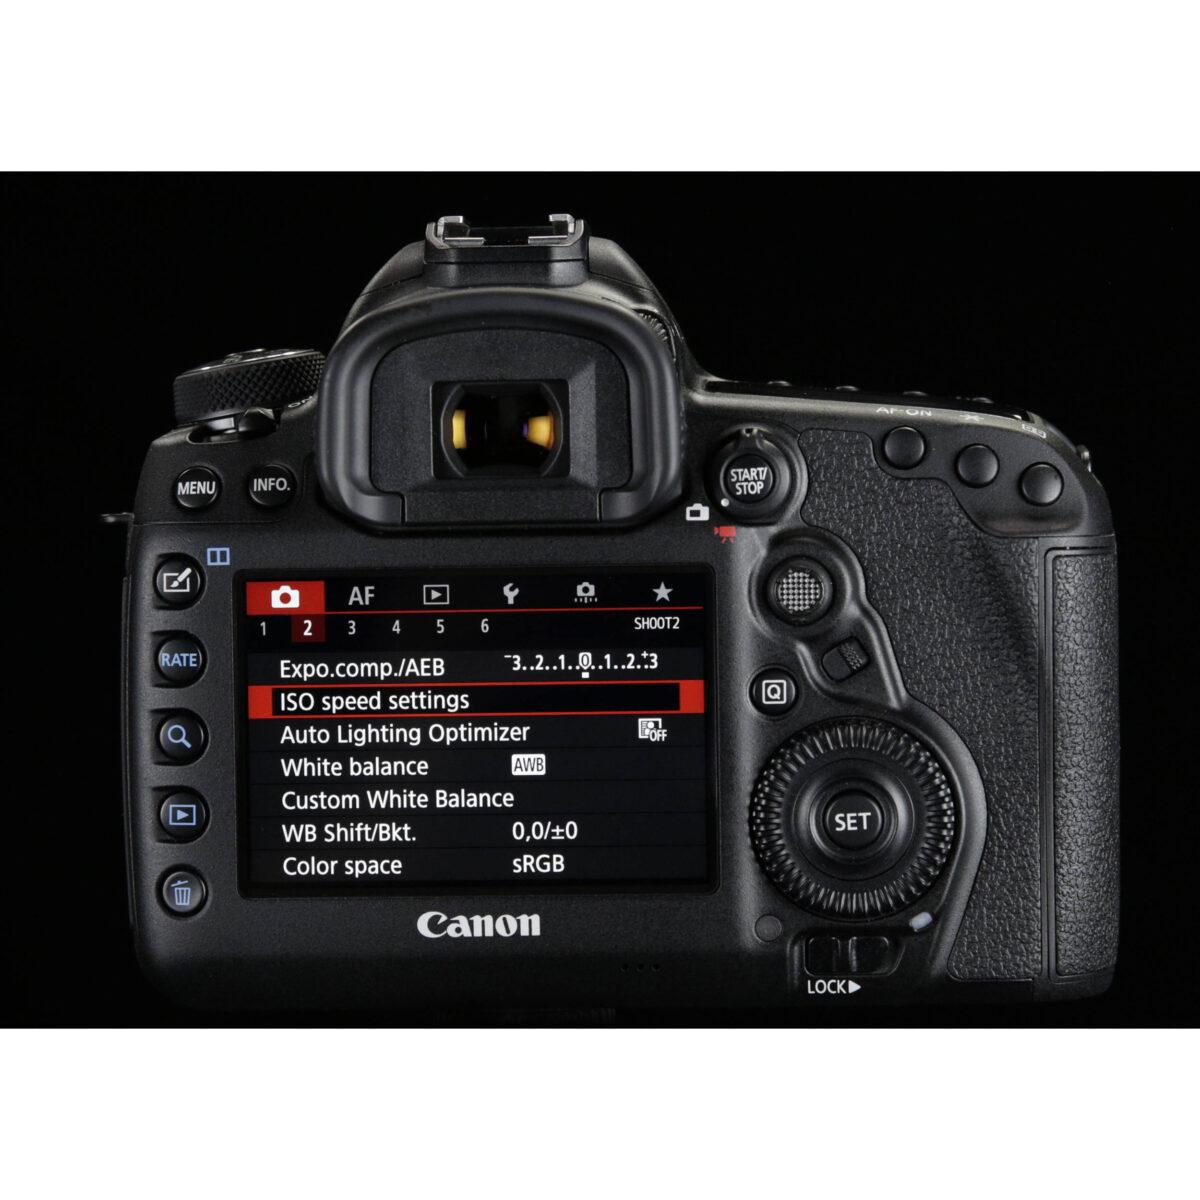 مشخصات فنی دوربین دیجیتال کانن eos 5d mark IV - فروشگاه یزد کمرا